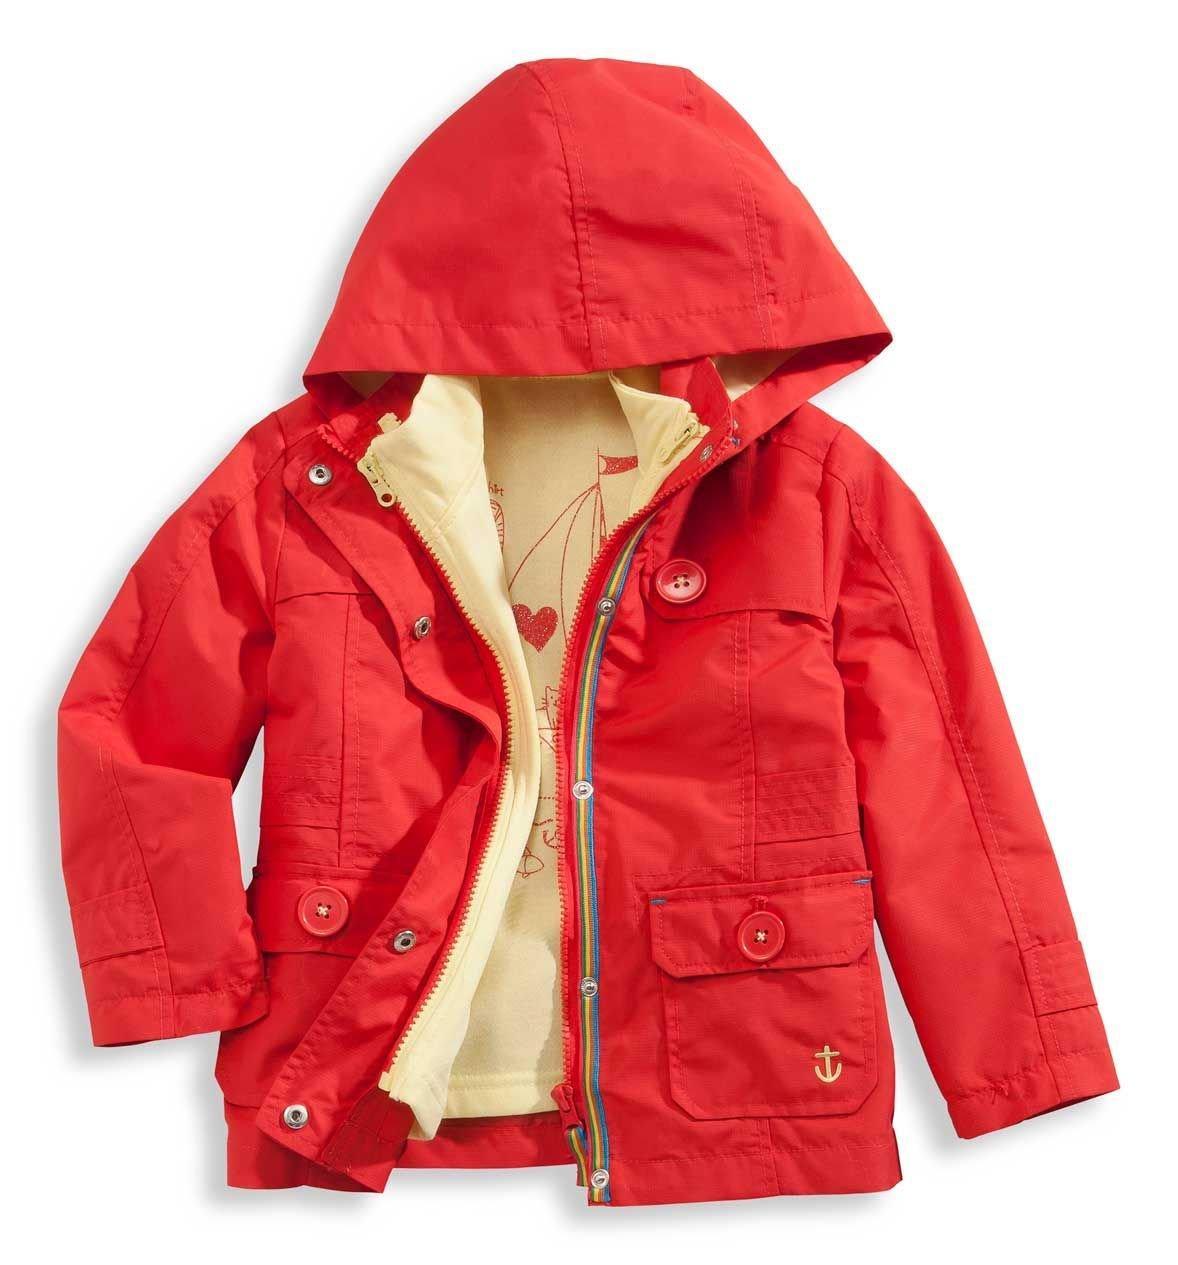 медведя картинки одежды курток новые смешные стикеры